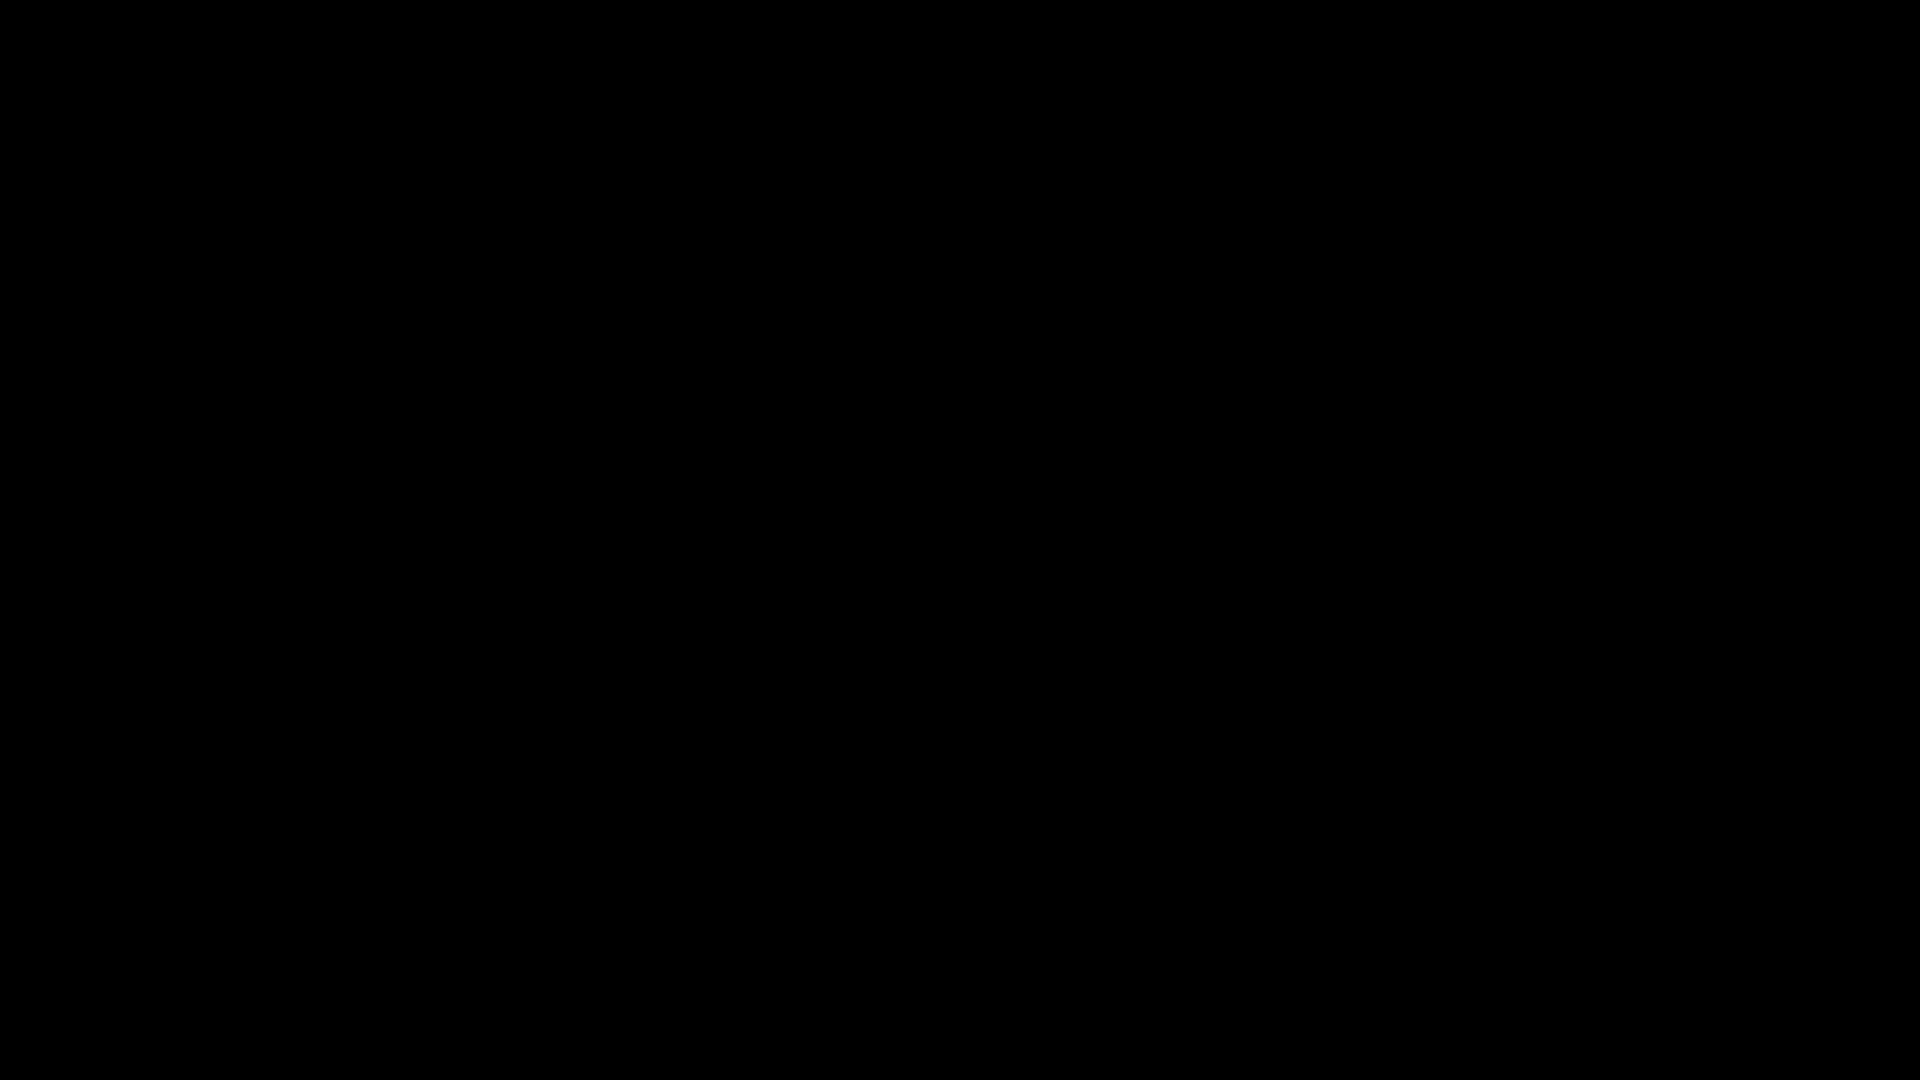 潜入!!韓国秘密のトイレ!Vol.01 潜入 SEX無修正画像 108画像 3